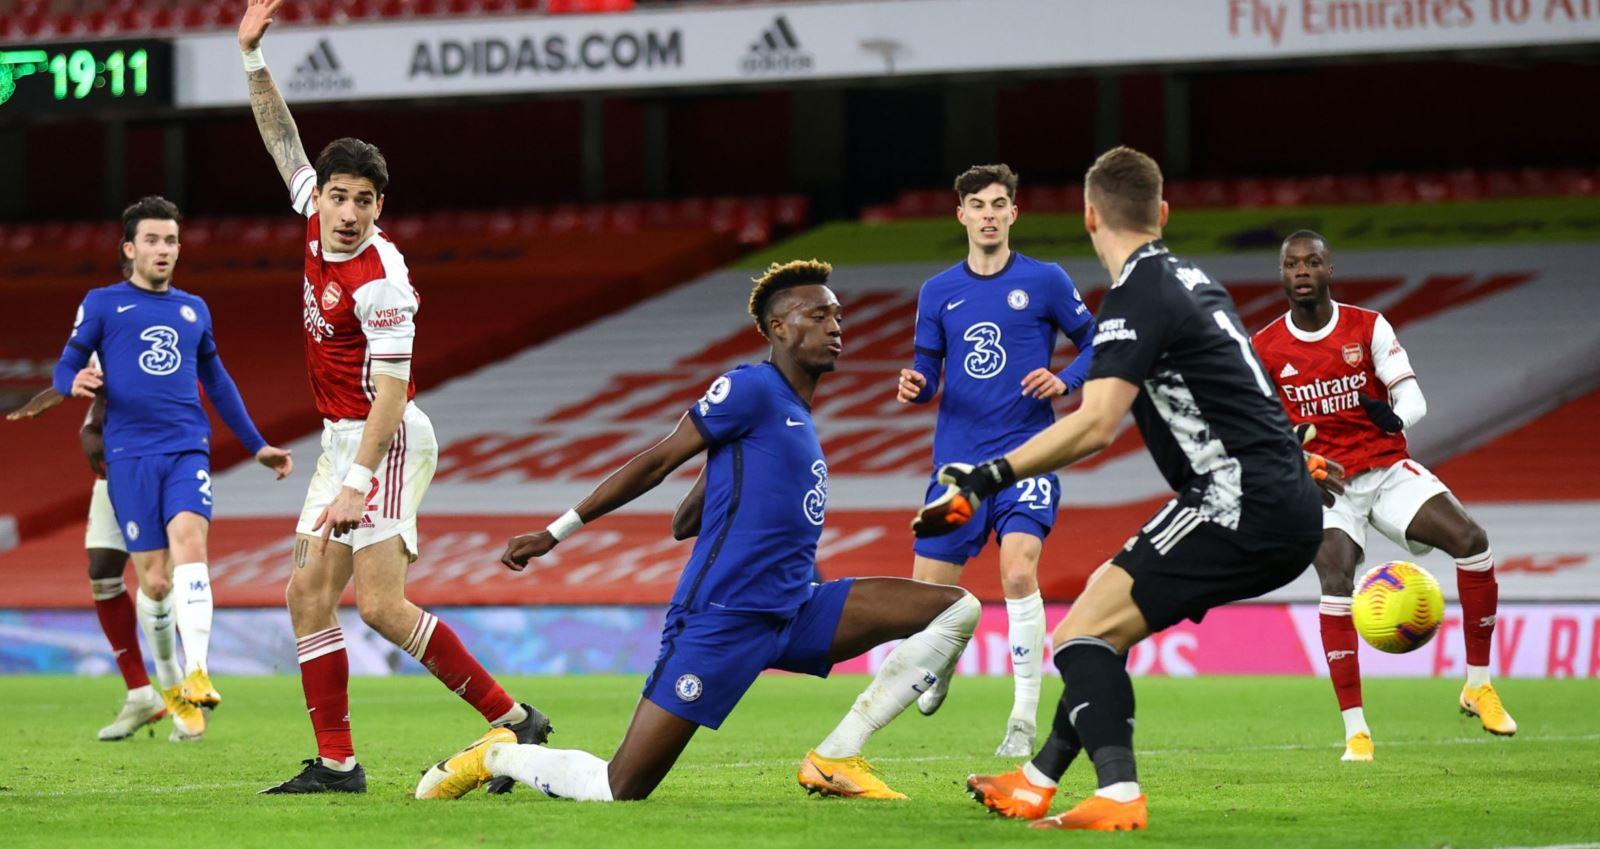 Trực tiếp bóng đá Anh hôm nay, Arsenal - Chelsea, Xem K+, Chelsea, kết quả Arsenal đấu với Chelsea, trực tiếp bóng đá ngoại hạng Anh